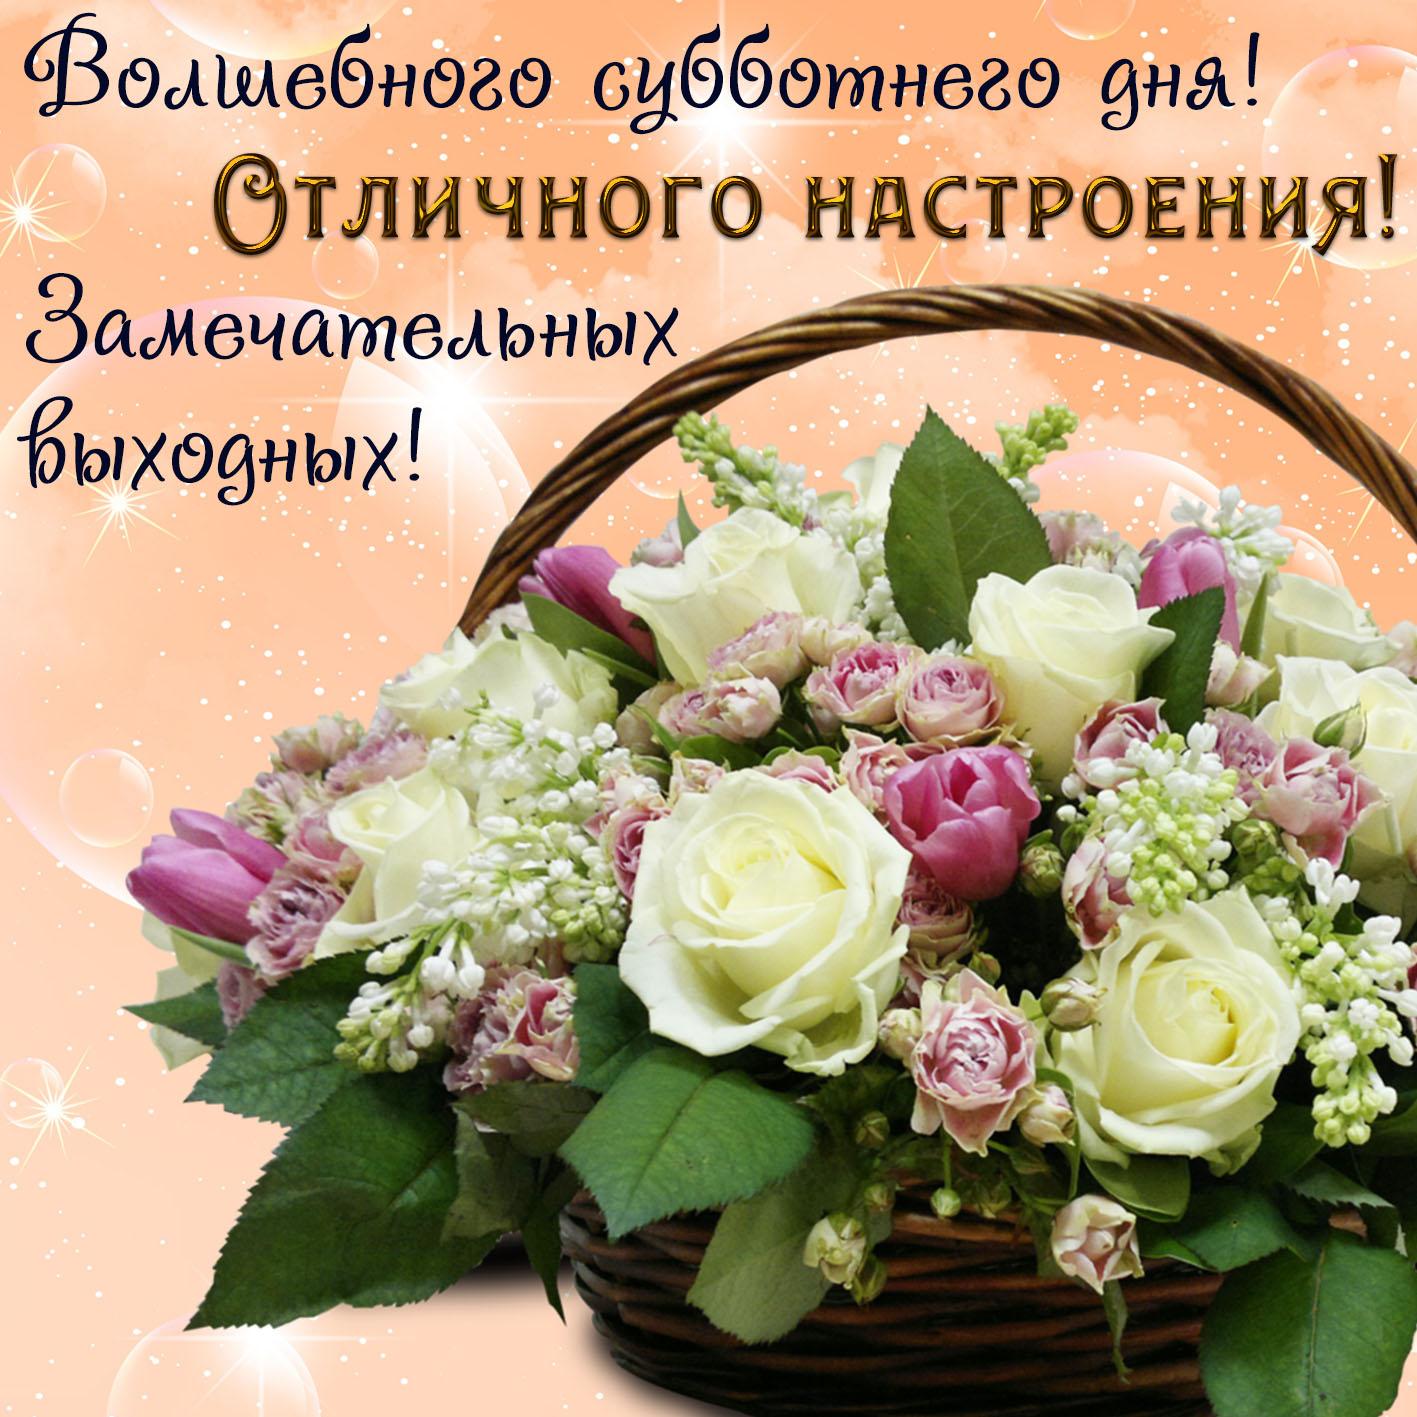 https://bonnycards.ru/images/dni-nedeli/subbota0036.jpg